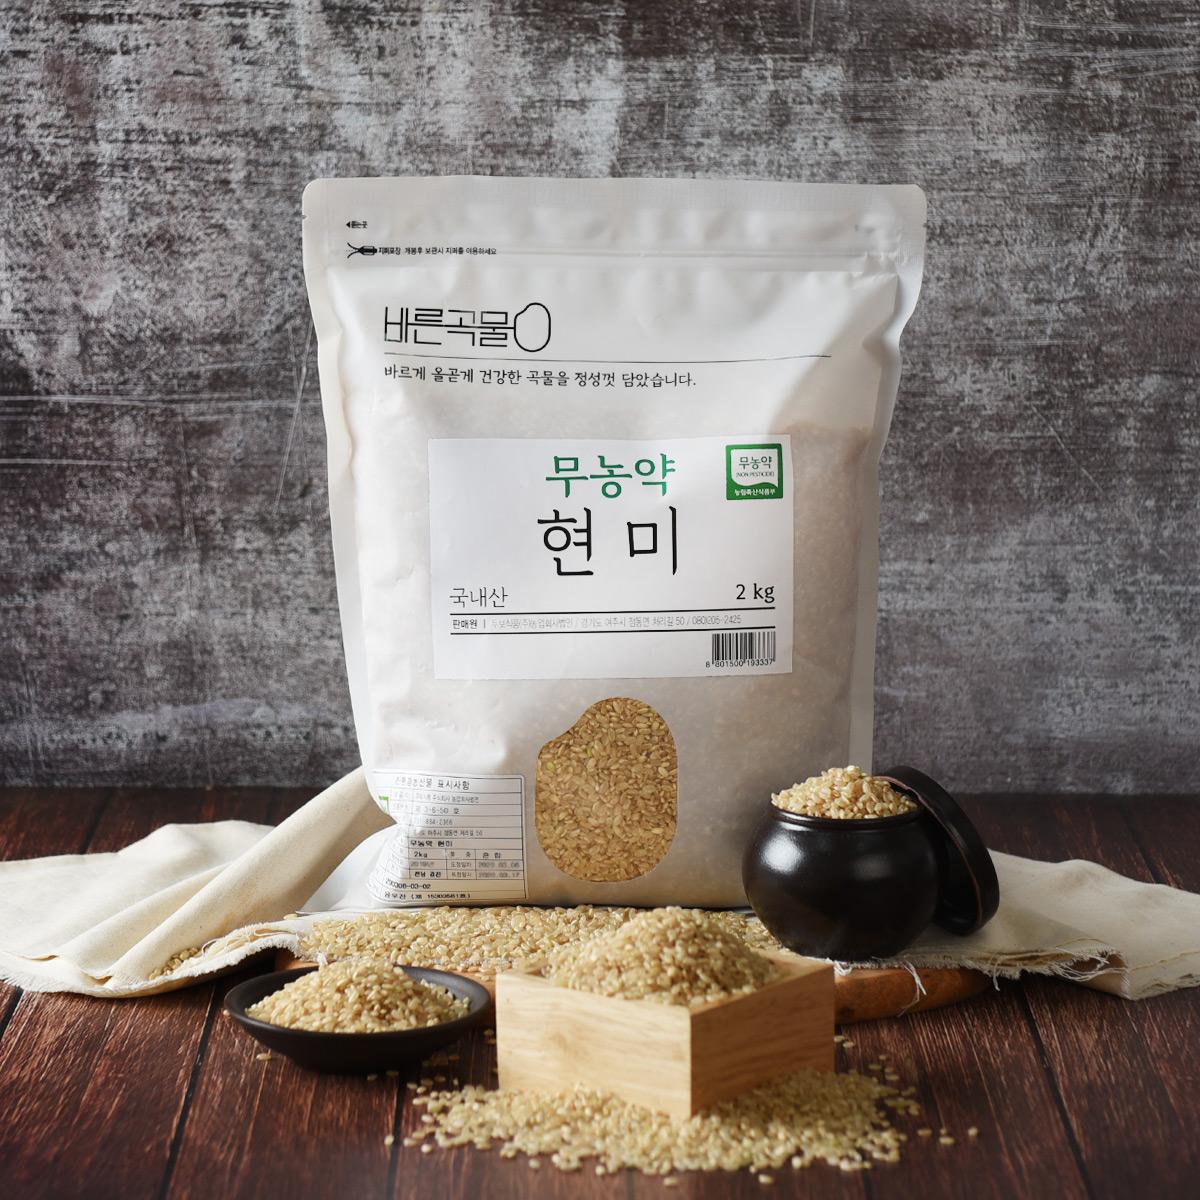 바른곡물 무농약 현미, 2kg, 1개